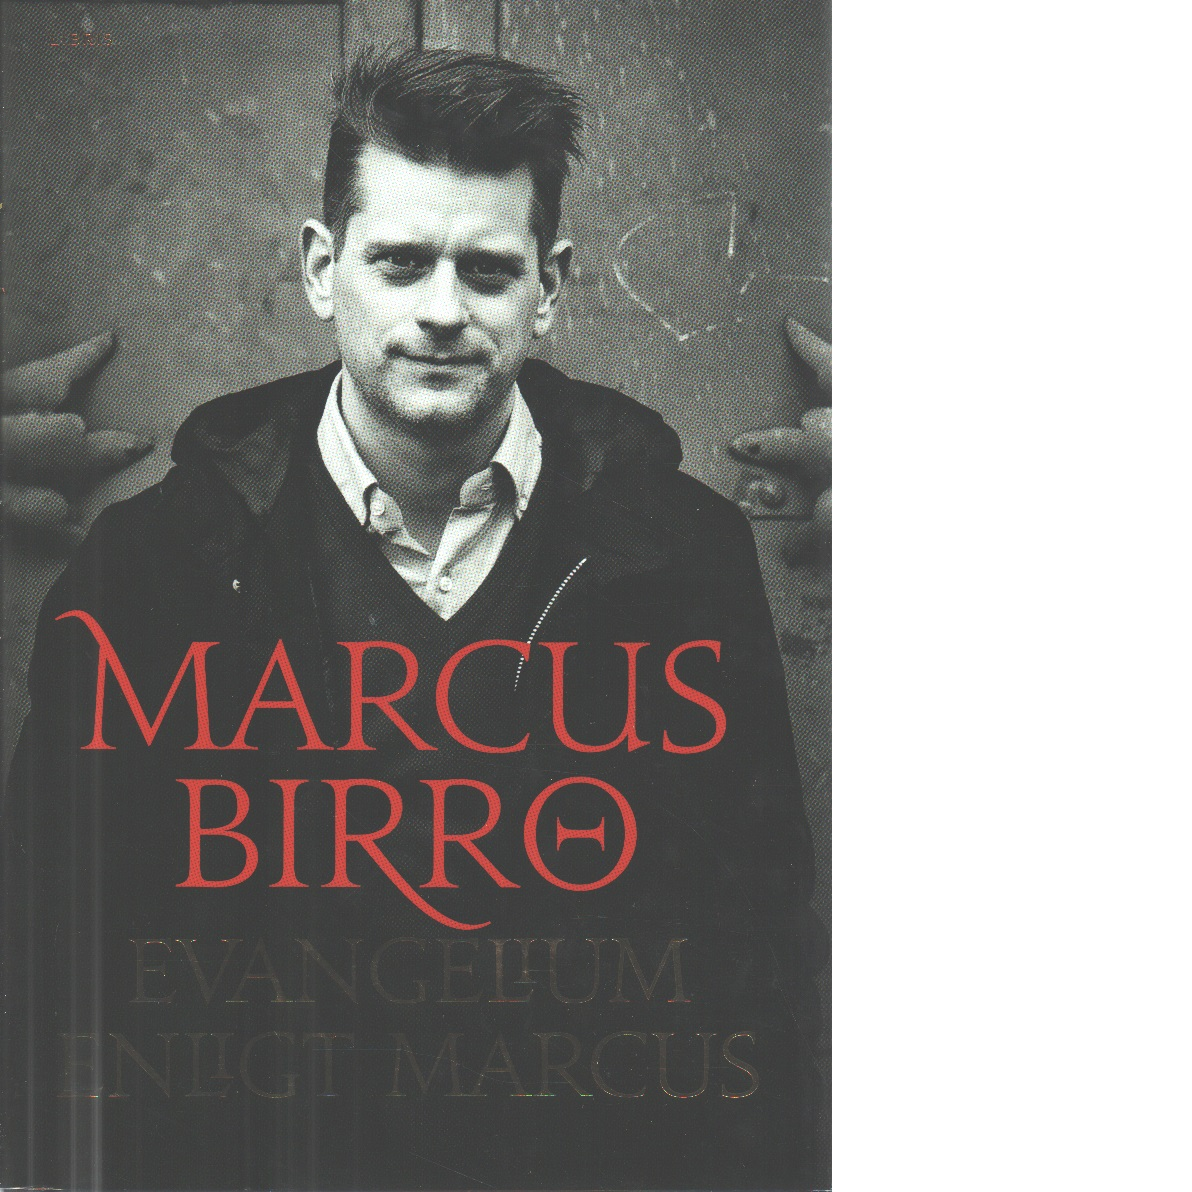 Evangelium enligt Marcus - Birro, Marcus